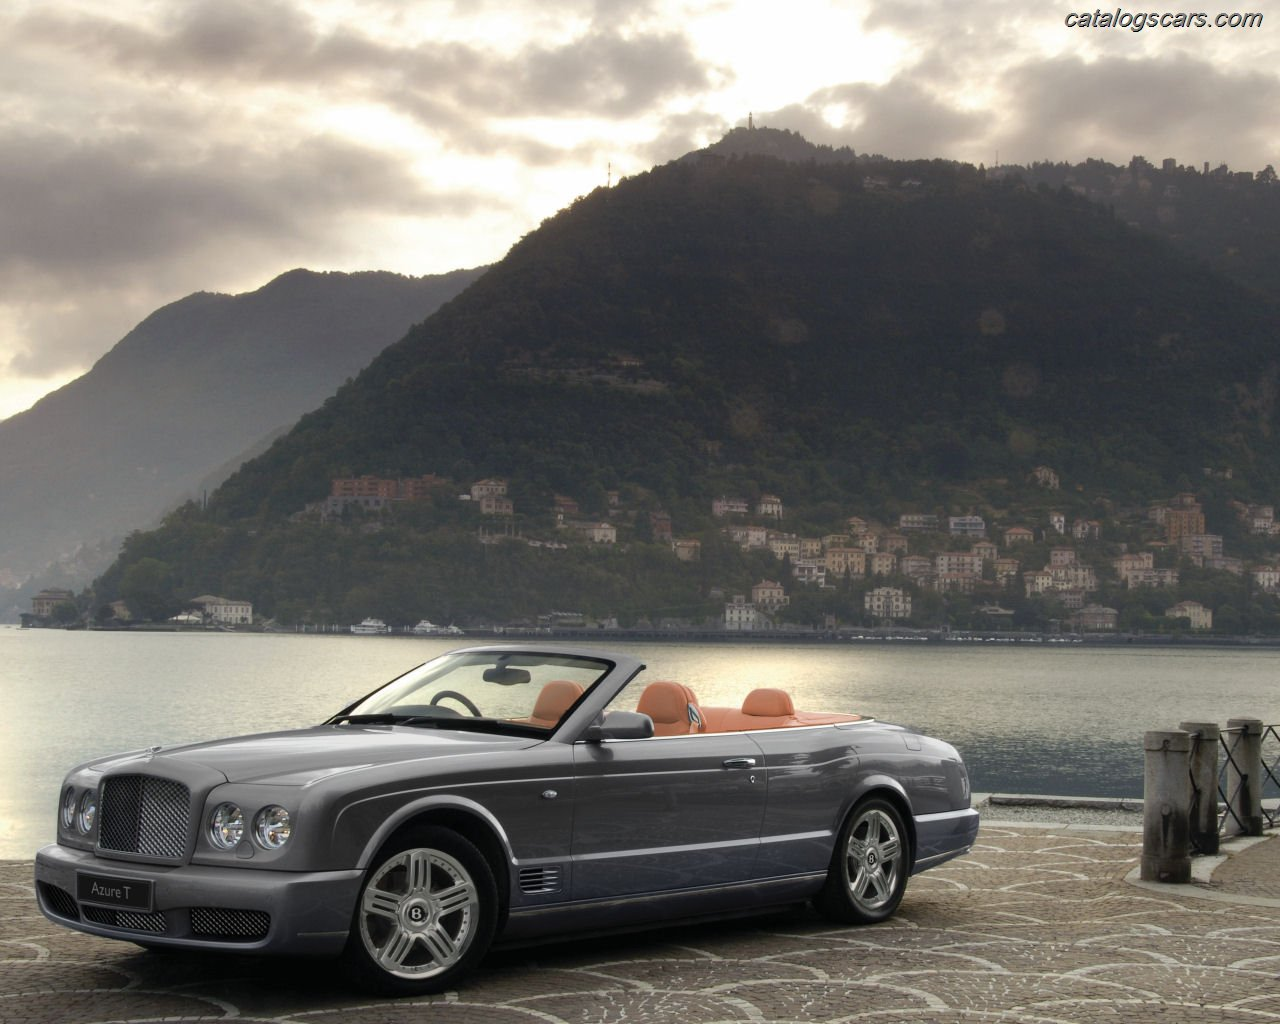 صور سيارة بنتلى ازور 2014 - اجمل خلفيات صور عربية بنتلى ازور 2014 - Bentley Azure Photos Bentley-Azure-2011-04.jpg